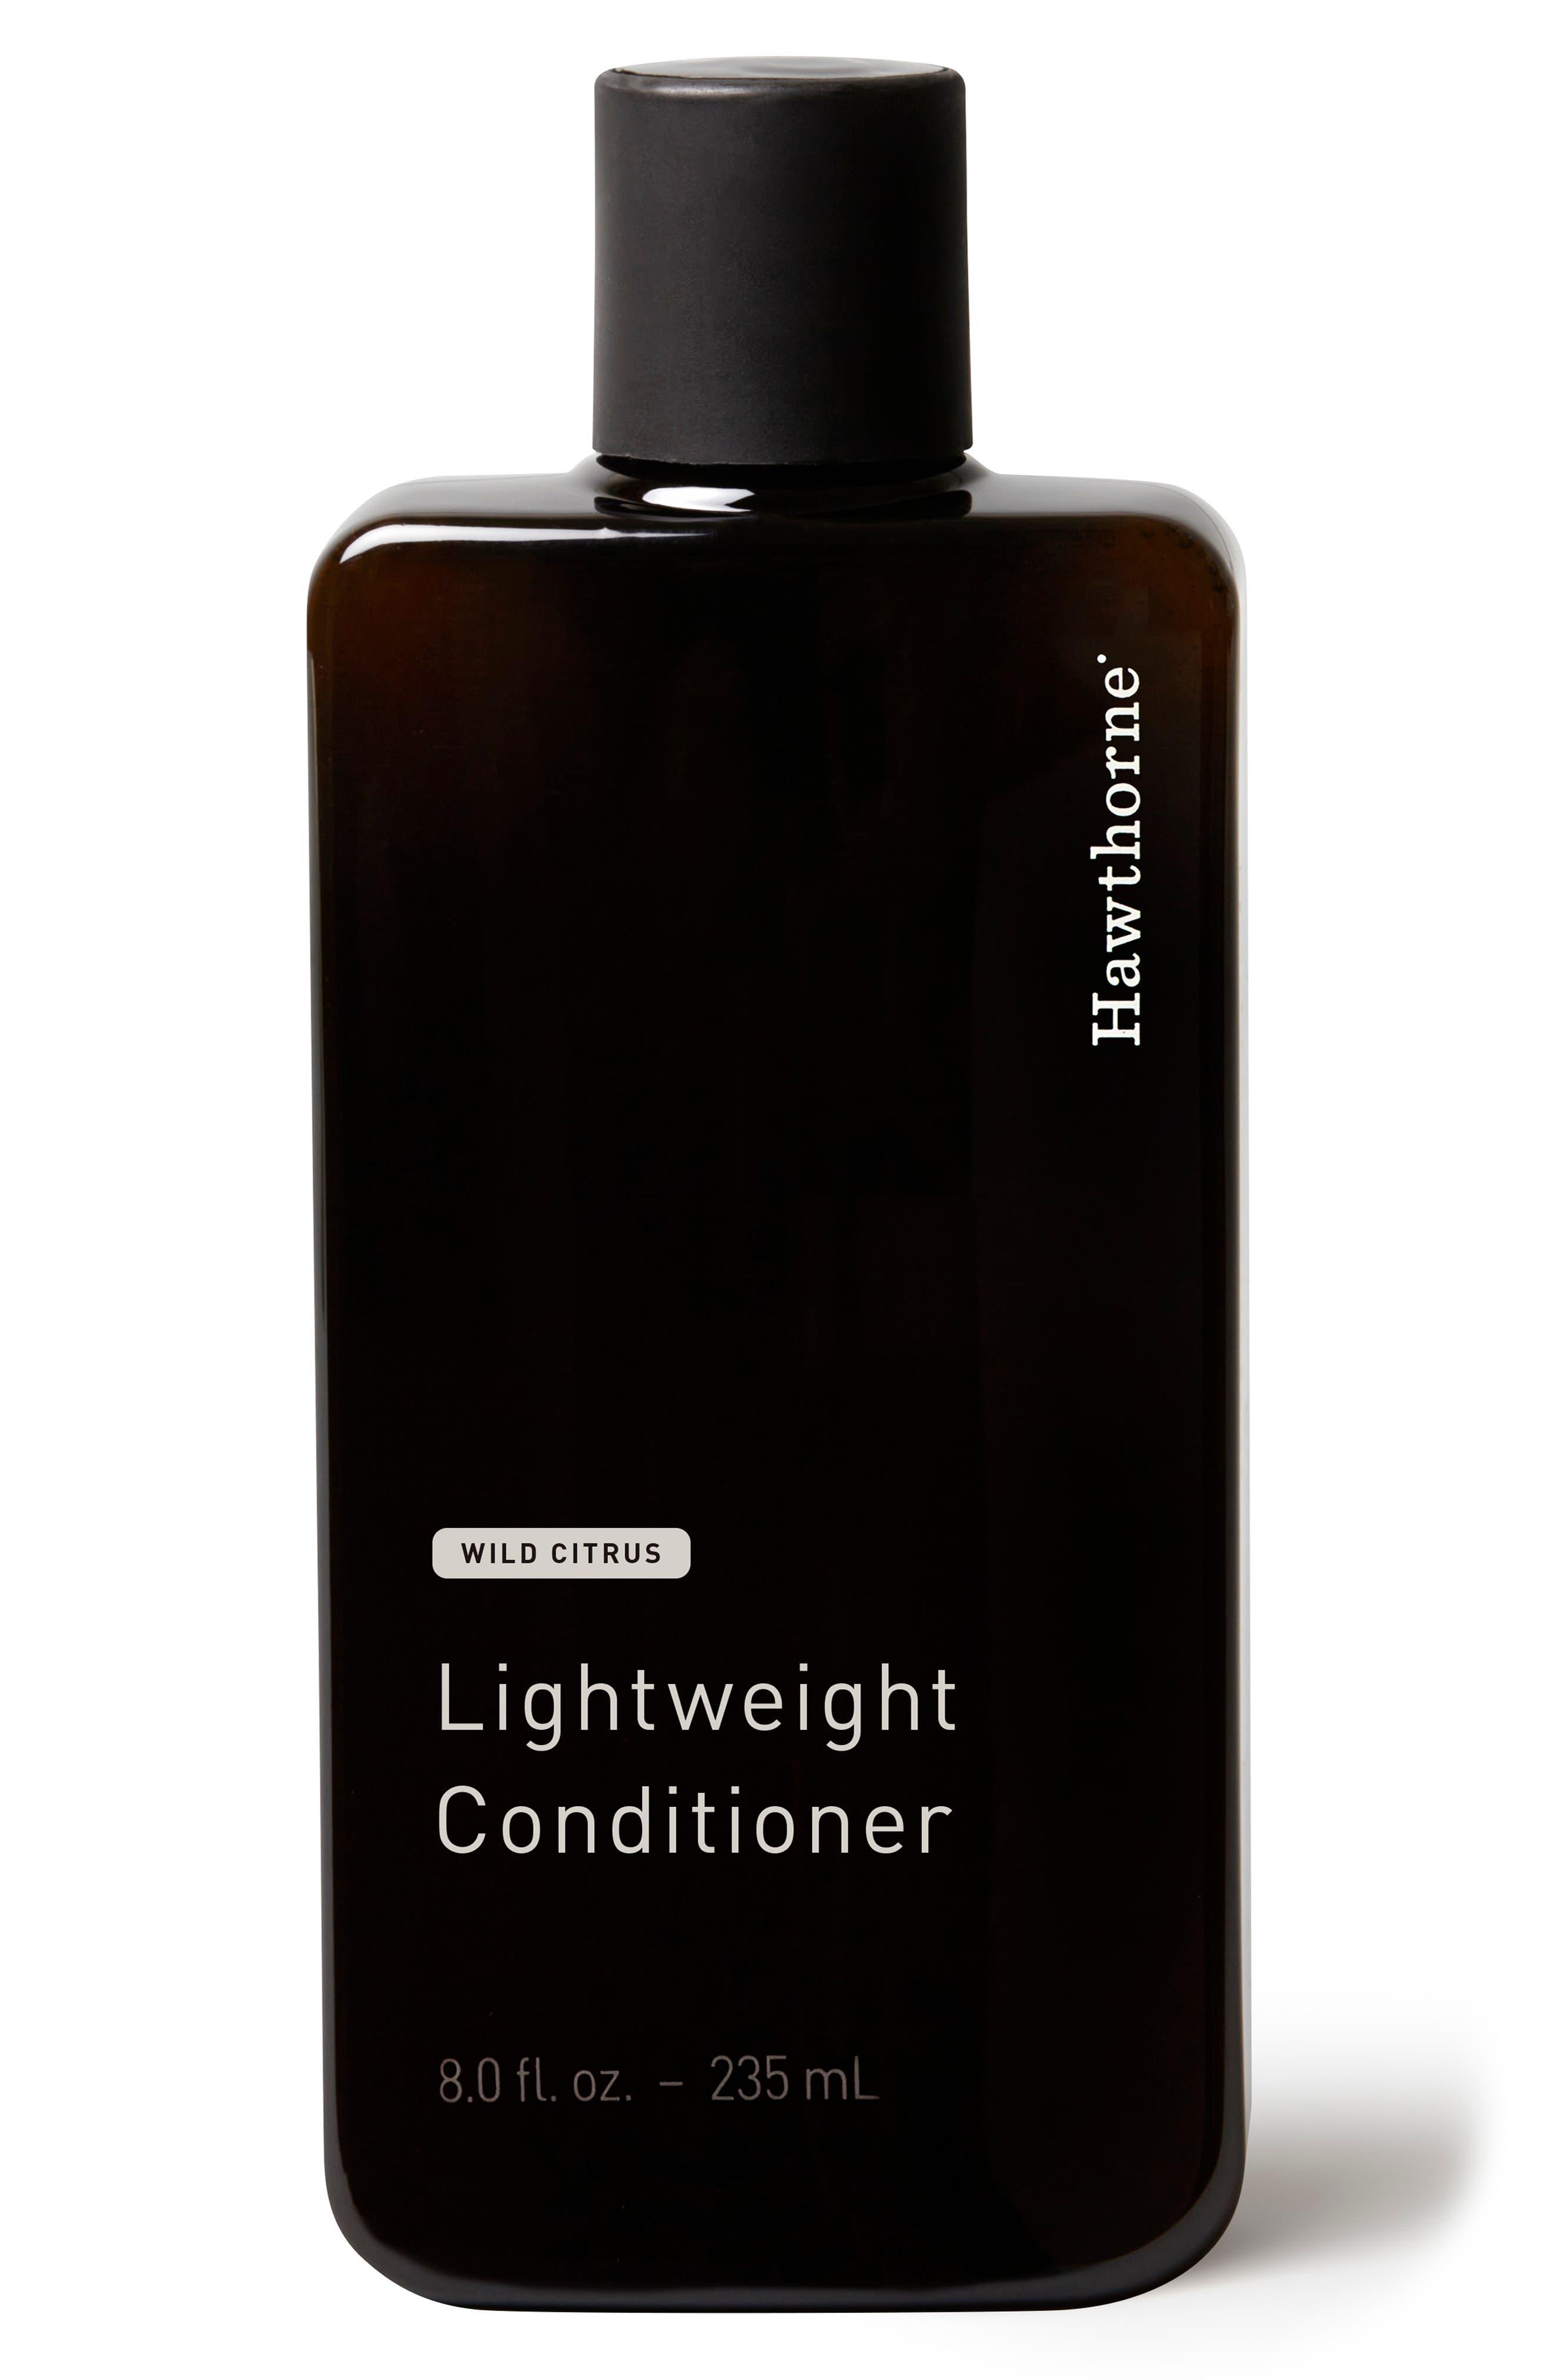 Lightweight Conditioner